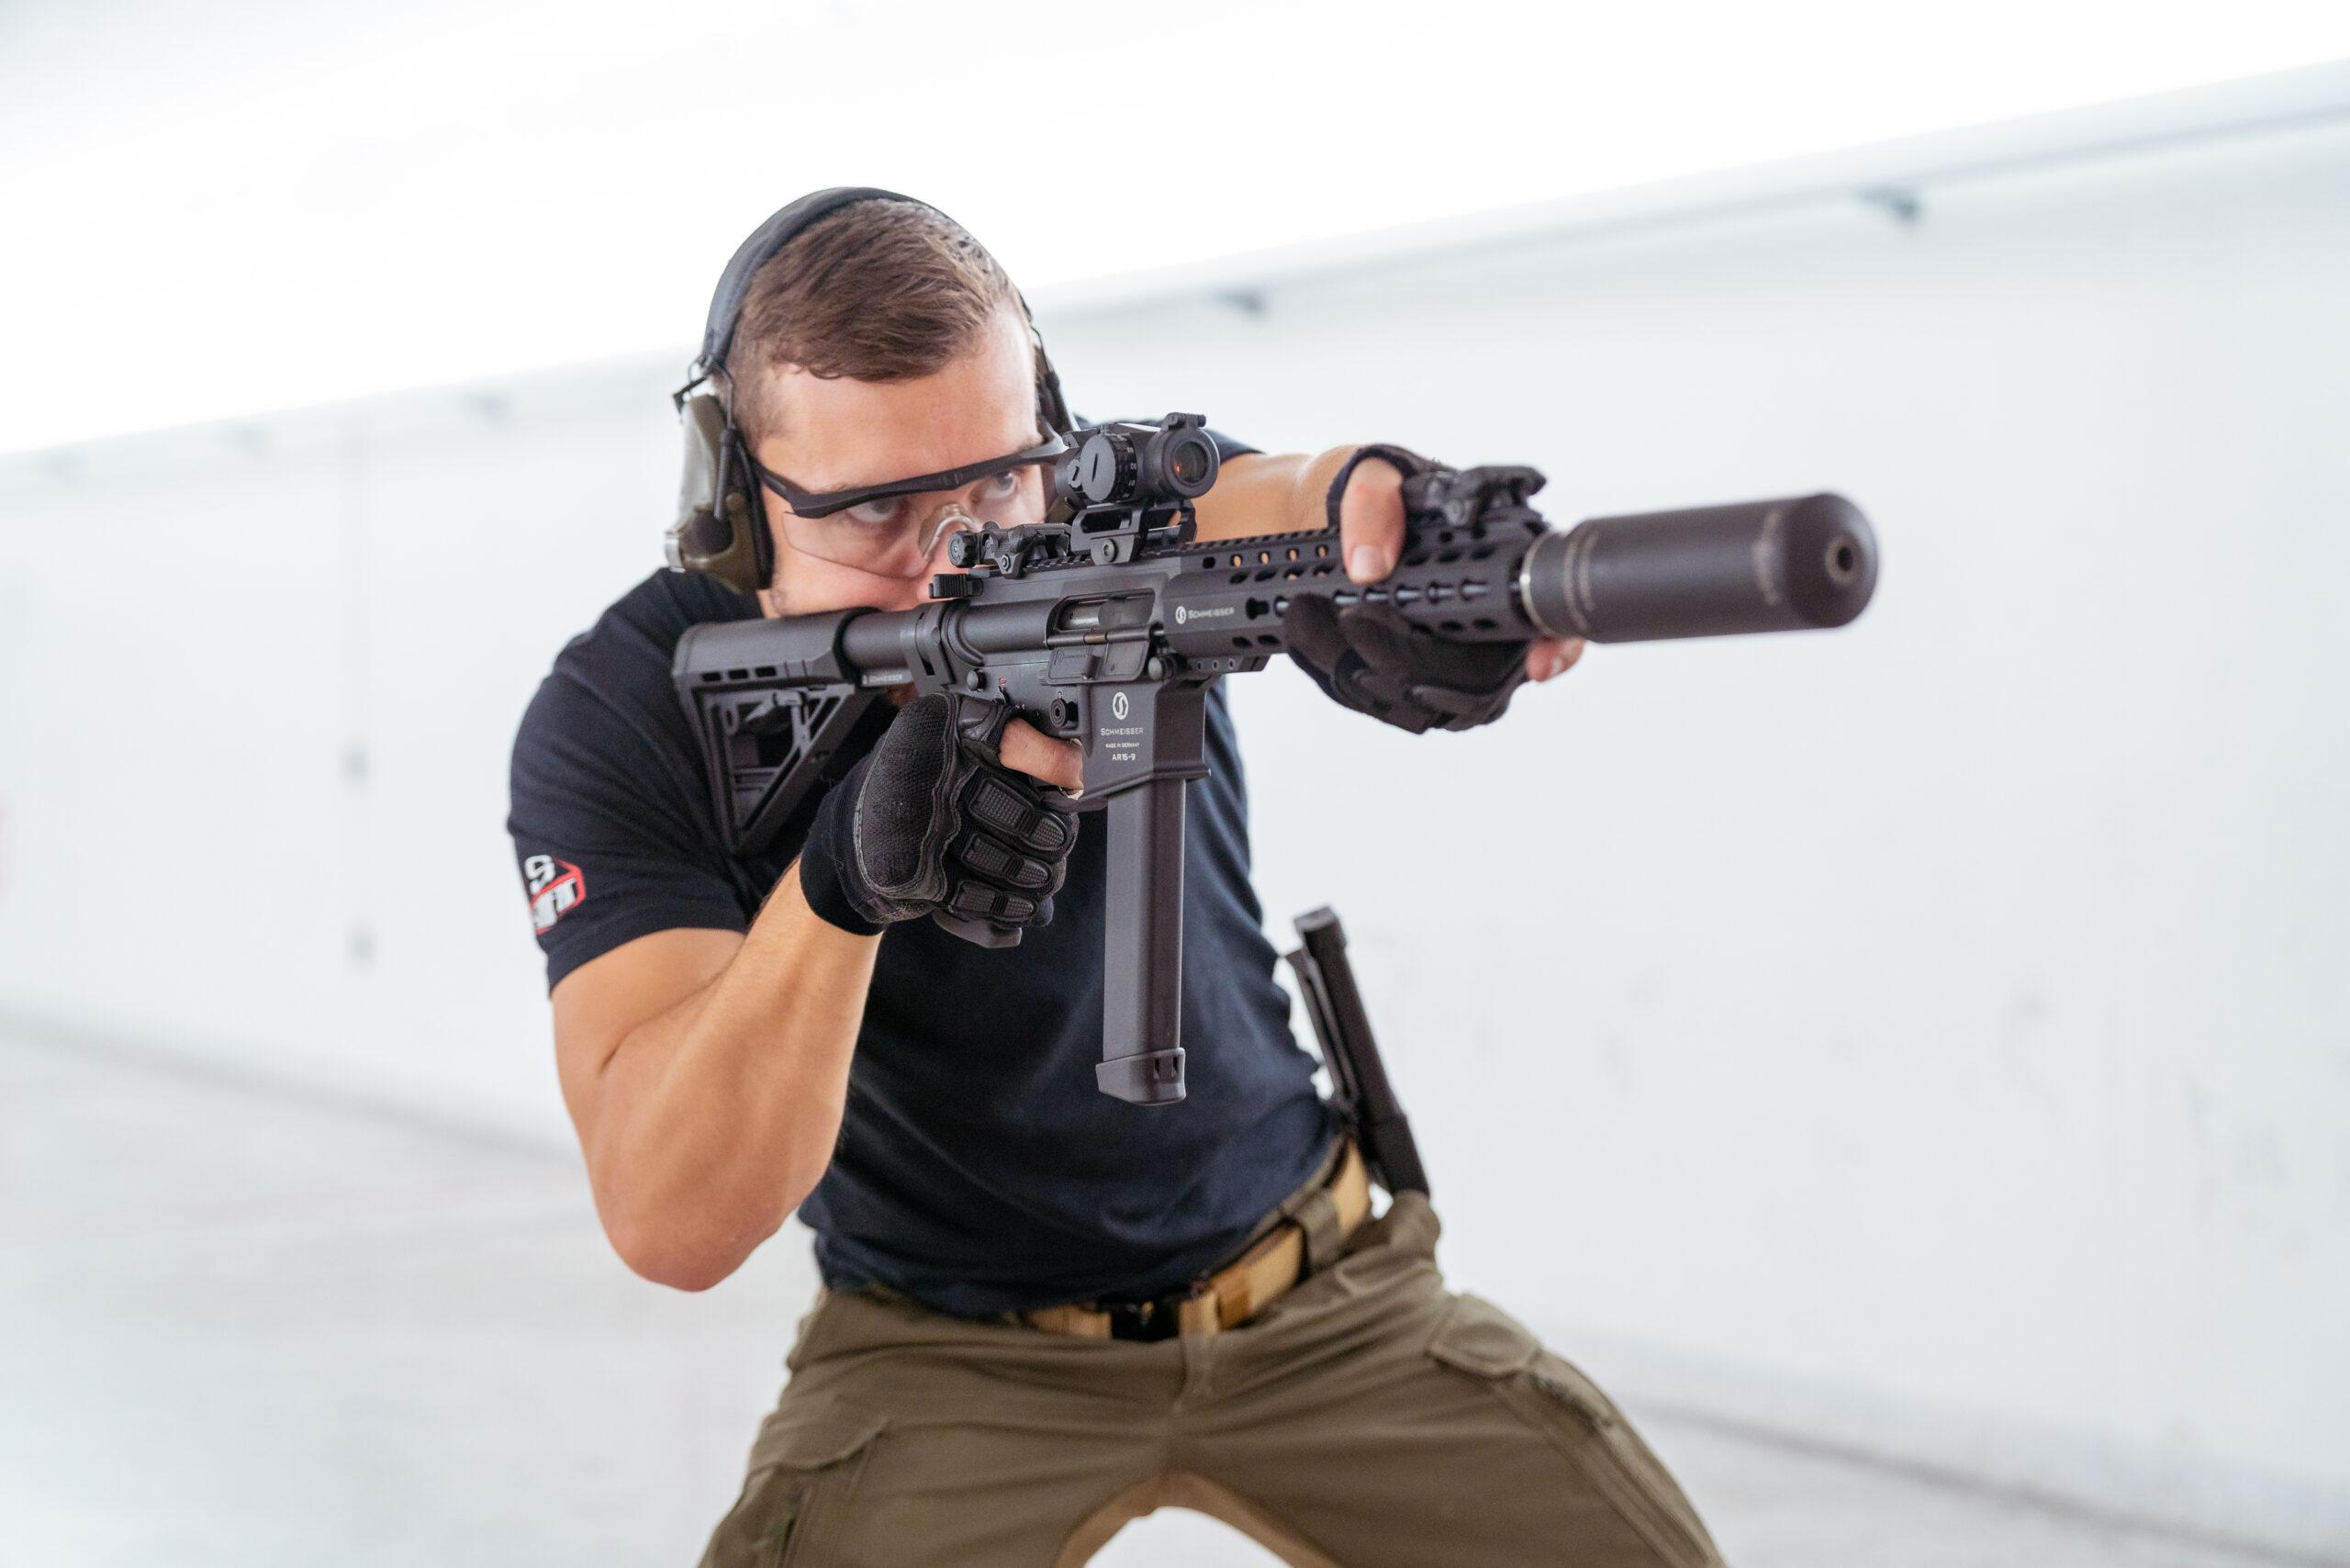 Schmeisser rifle held by man